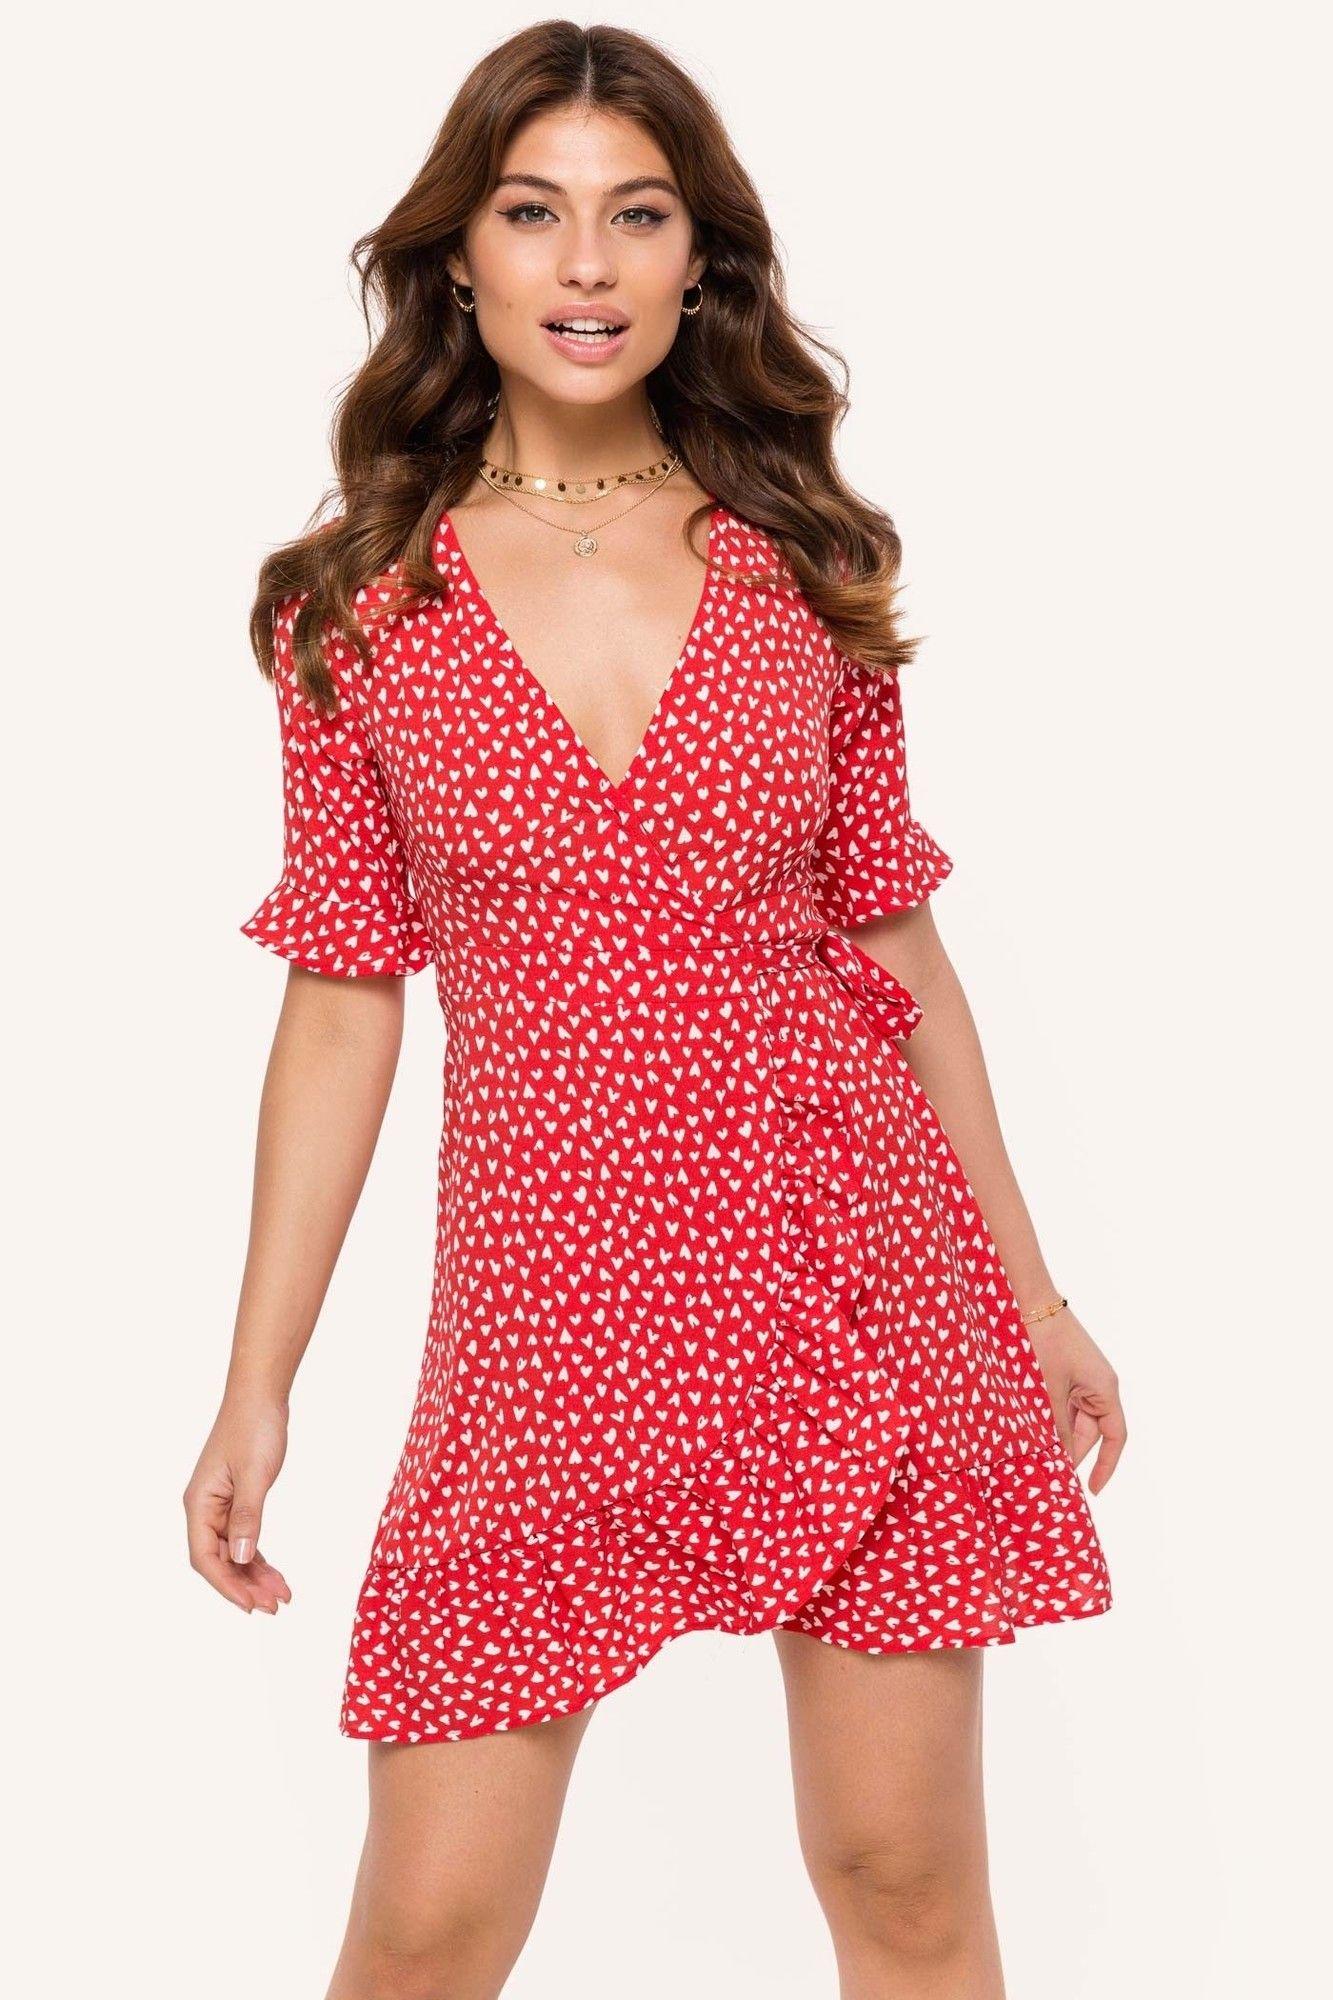 e0f075ca Loavies rode jurk | Fashion Webshop LOAVIES | skirt | Rode jurk ...